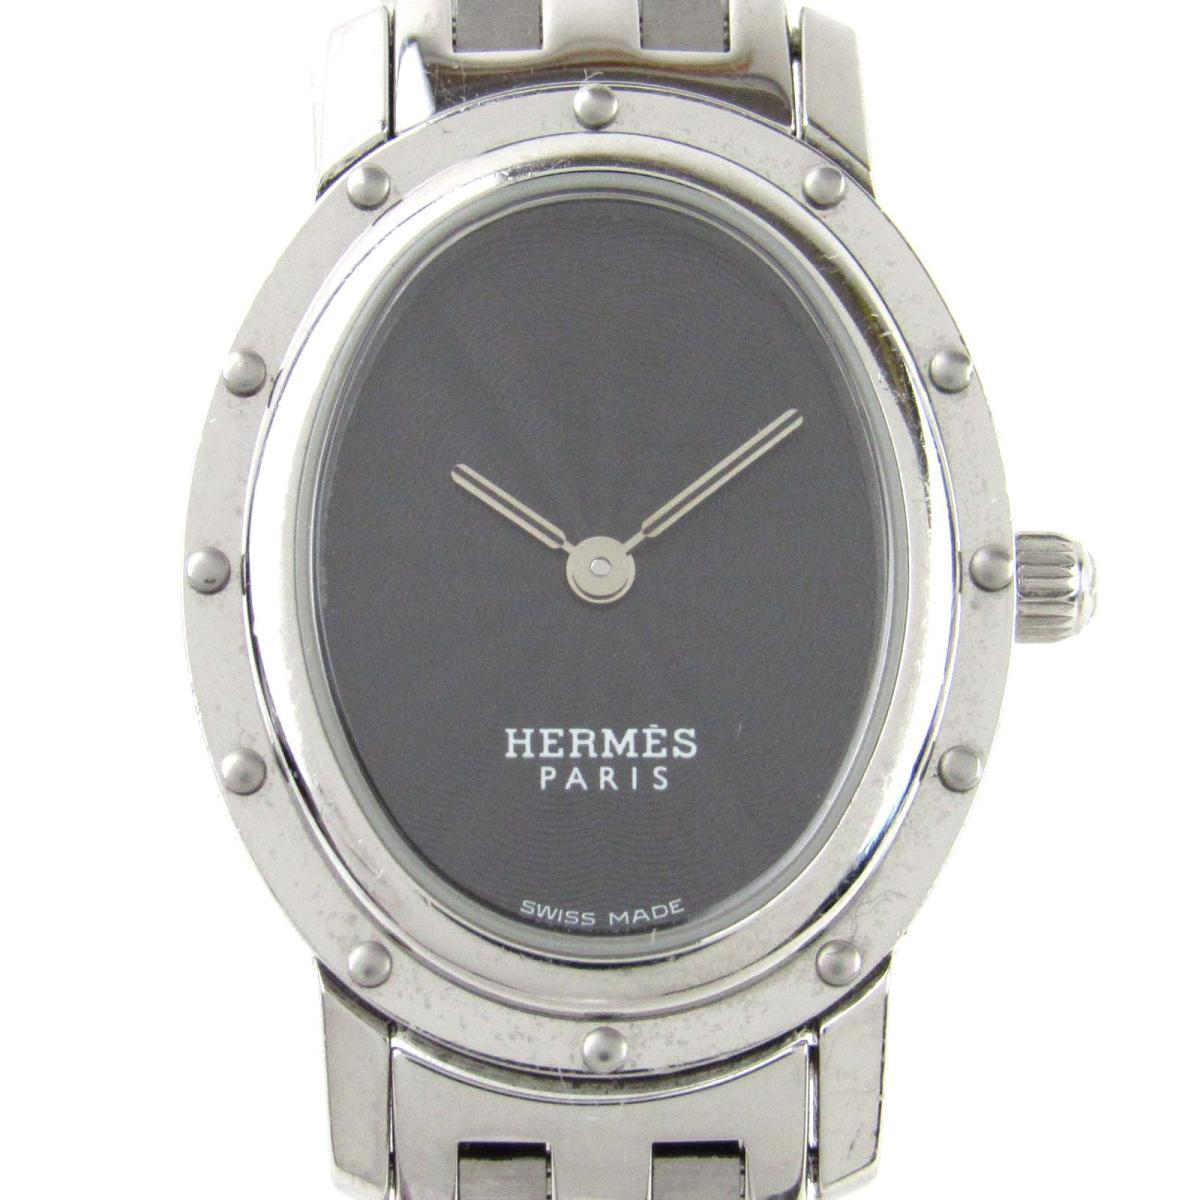 【中古】 エルメス クリッパーオーバル ウォッチ 腕時計 レディース ステンレススチール (SS) (CO1.210) | HERMES クオーツ クォーツ 時計 クリッパーオーバル 美品 ブランドオフ